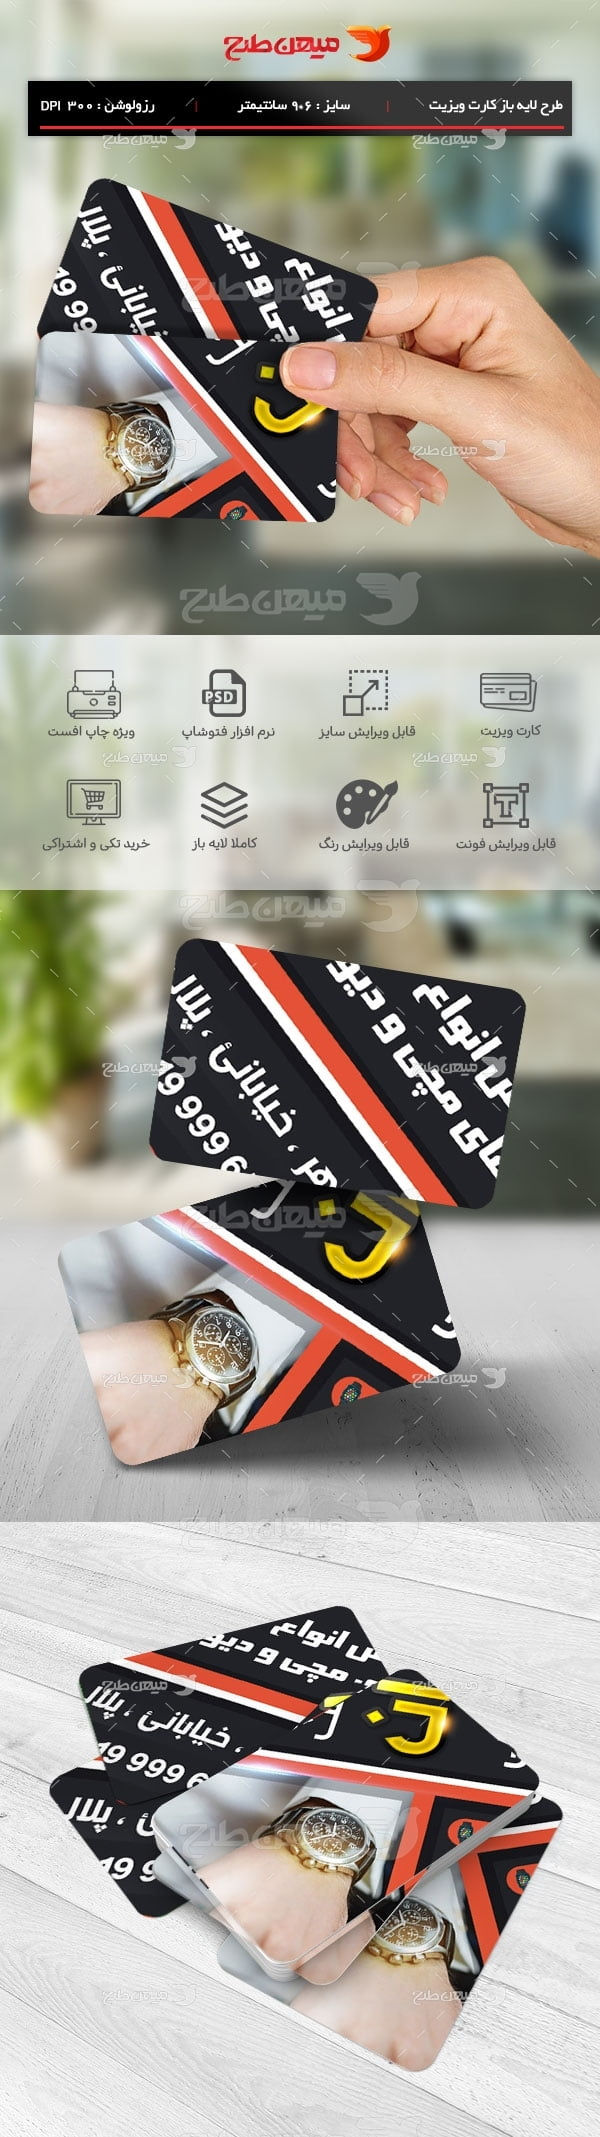 طرح لایه باز کارت ویزیت تبلیغاتی ساعت فروشی